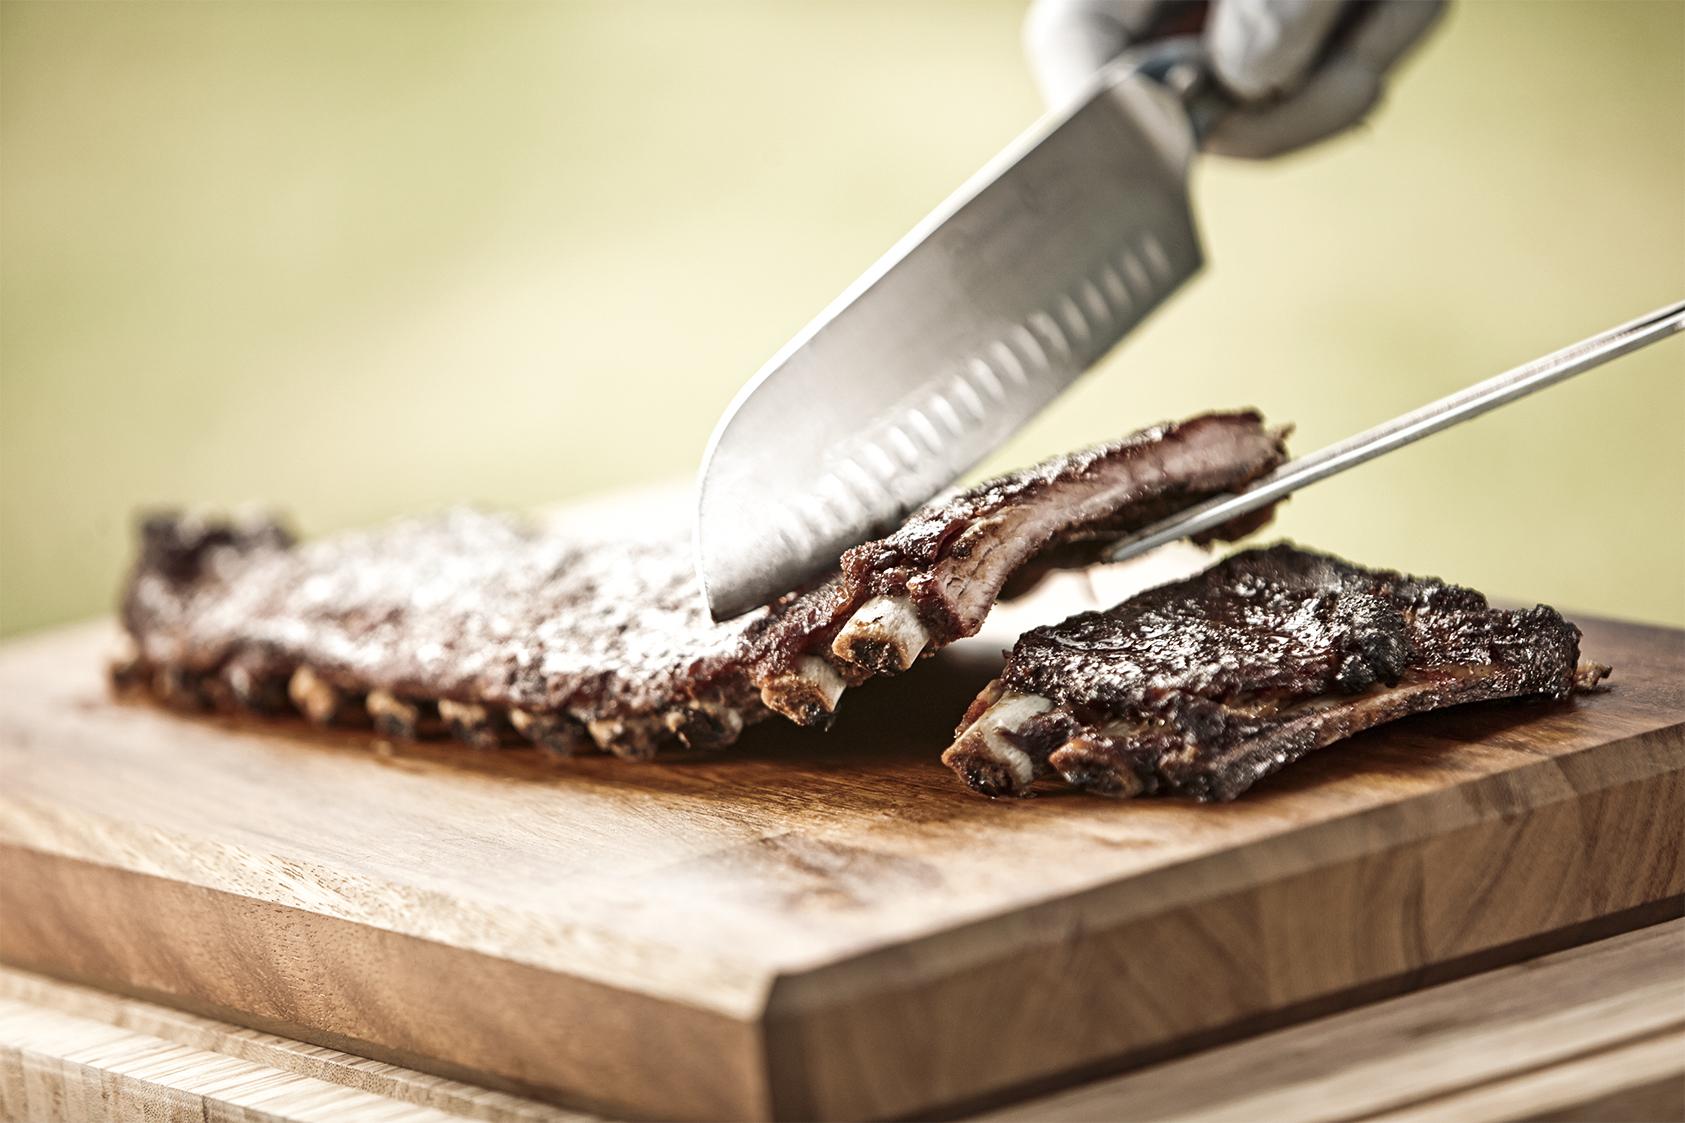 Spareribs Auf Dem Gasgrill Zubereiten : Schwein gehabt spareribs grillen leicht gemacht